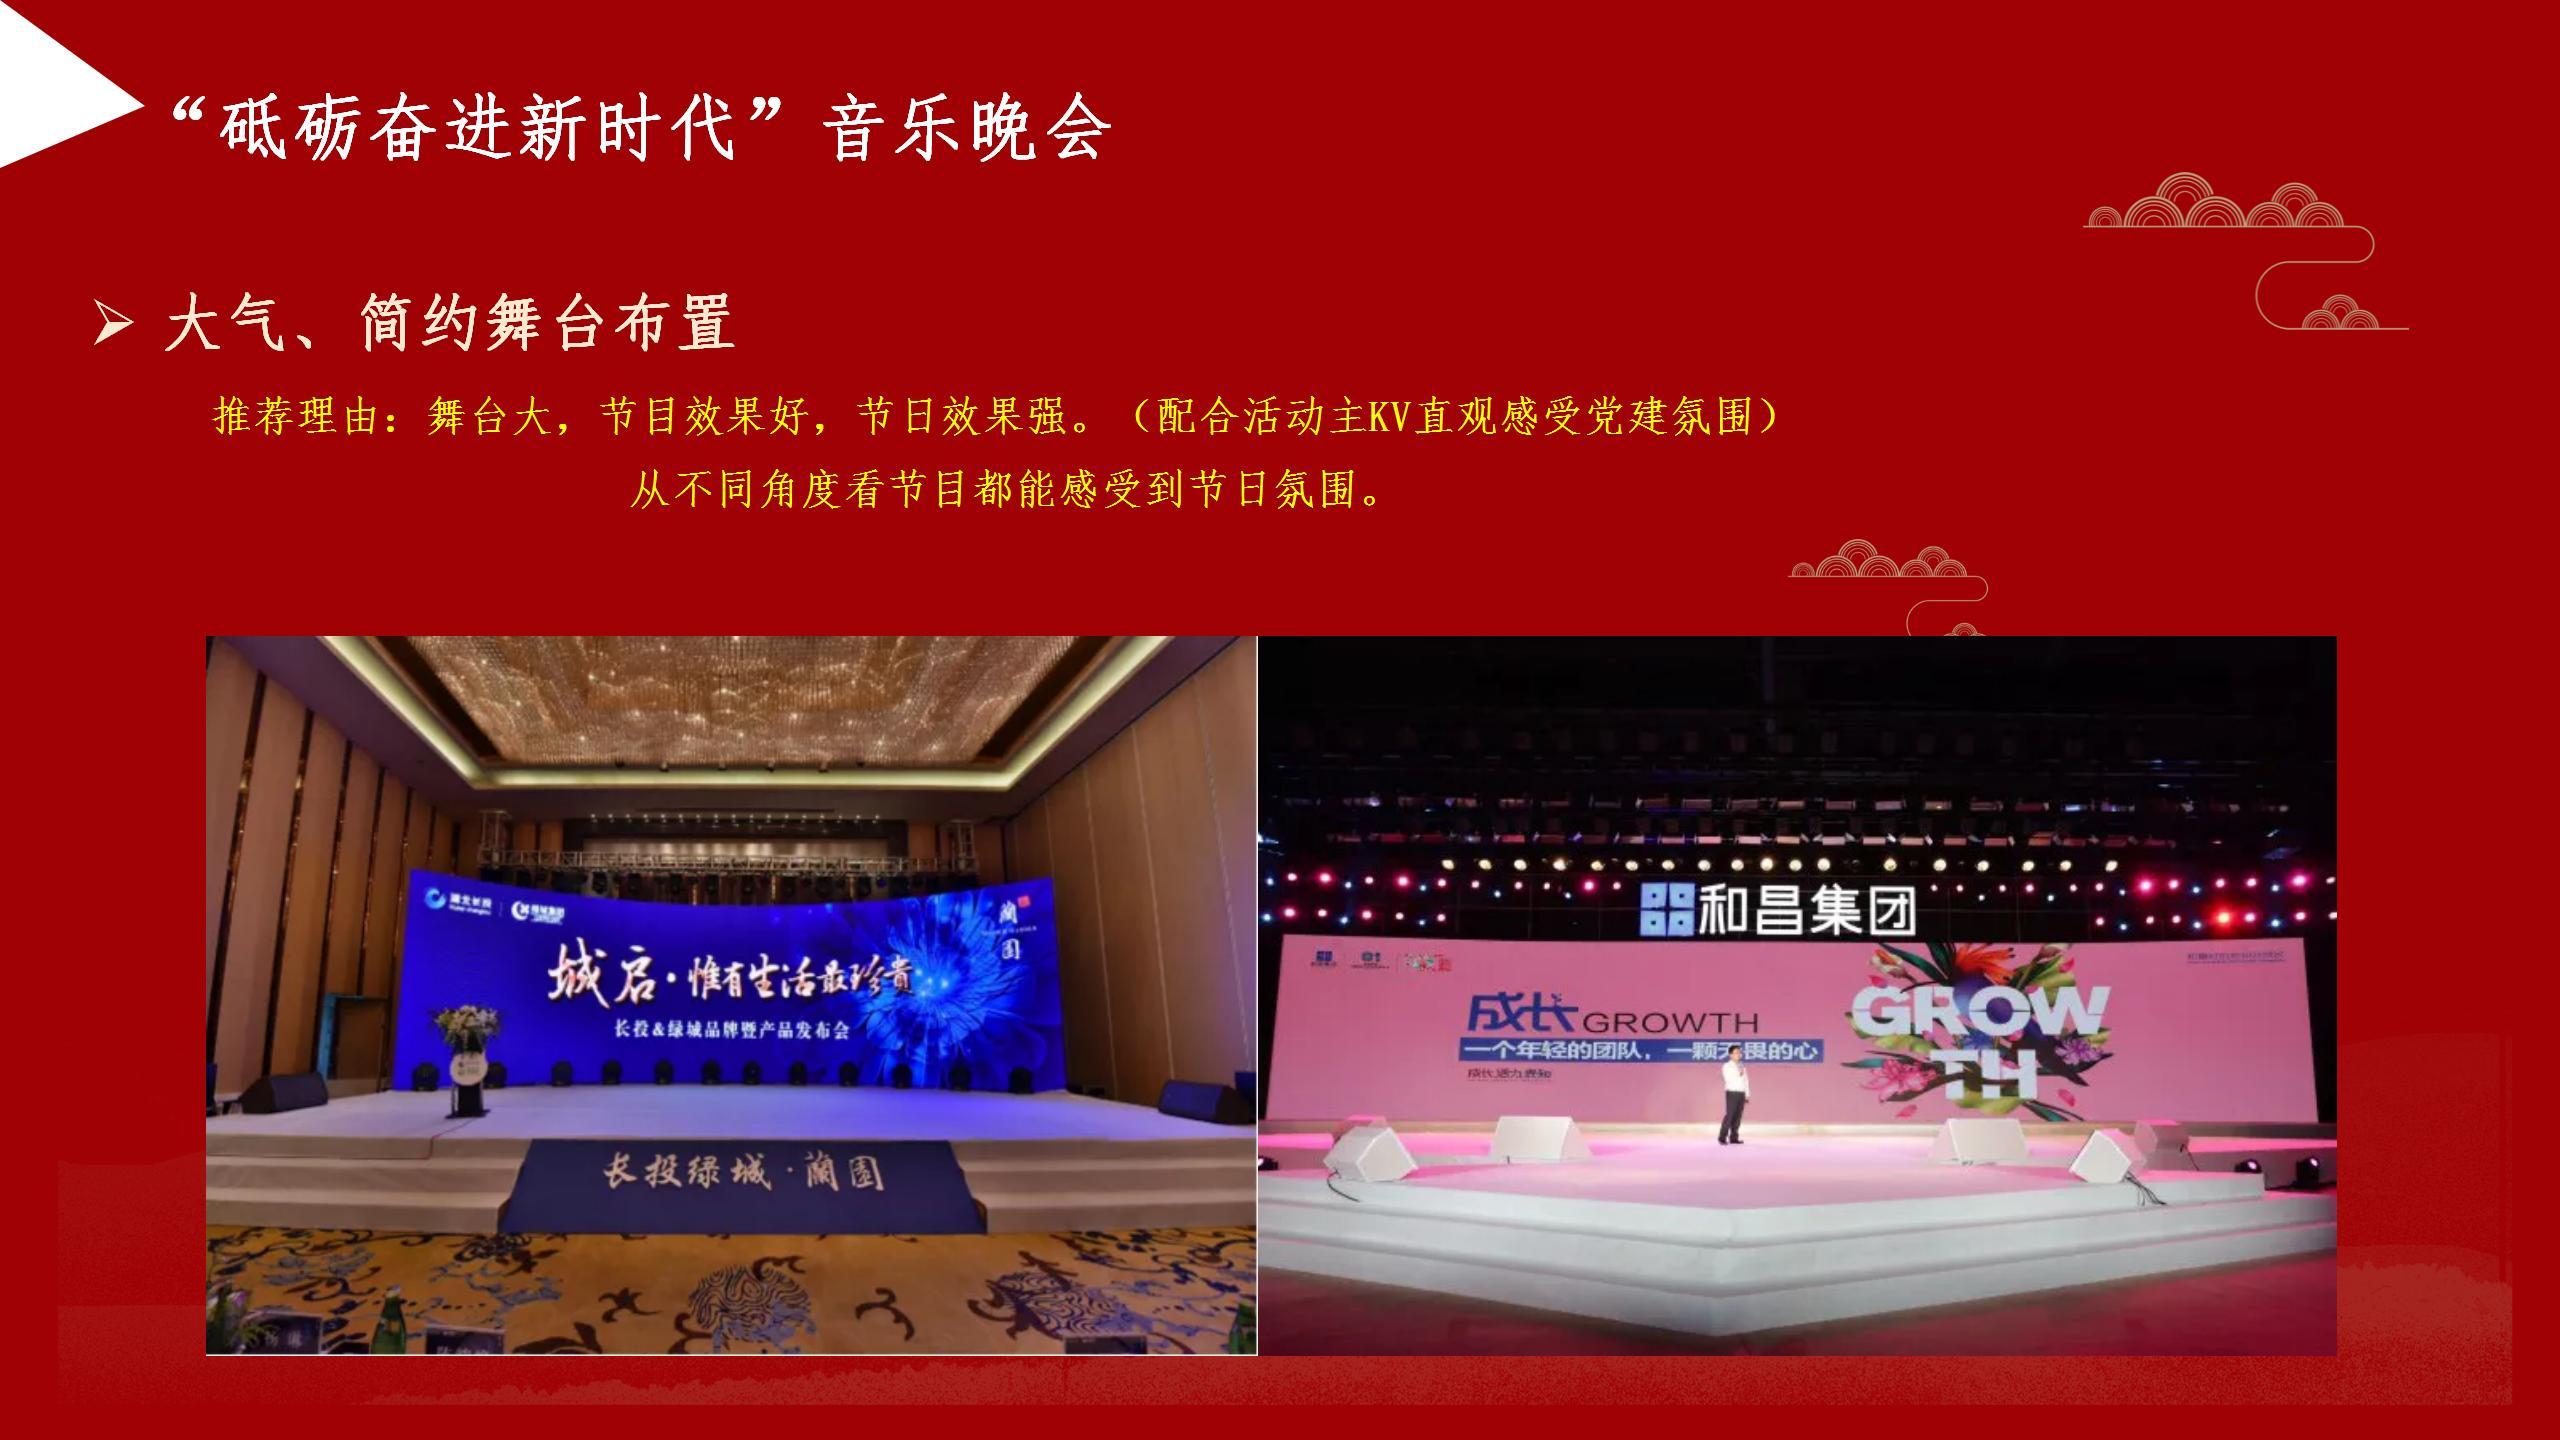 """021街道社区""""XX传承向党百年"""",党建文化节活动策划方案"""""""